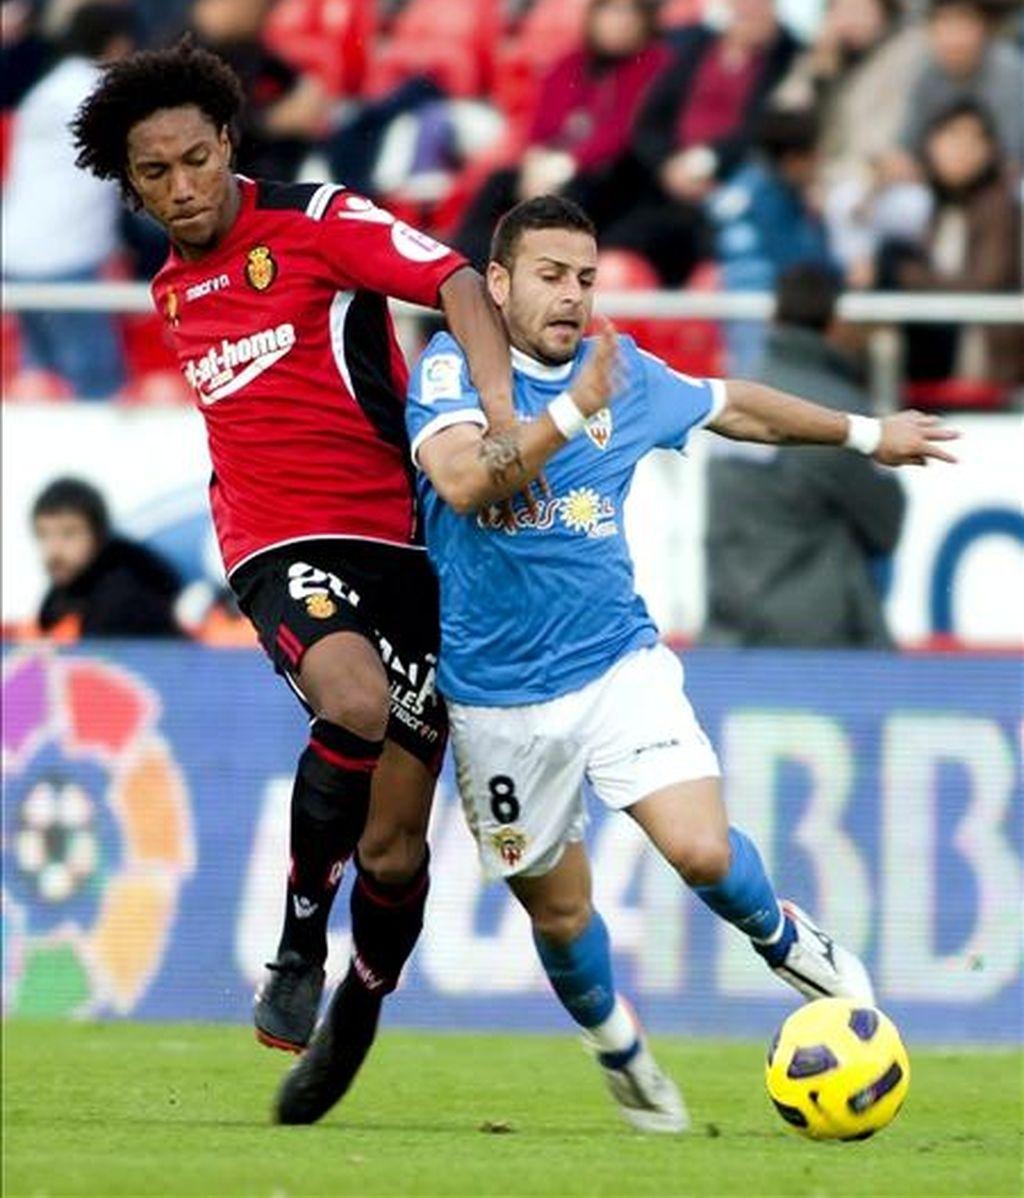 El centrocampista canadiense del Real Mallorca, Jonathan de Guzmán (i) pelea un balón con el centrocampista del Almería Albert Crusat, durante el encuentro perteneciente a la vuelta de los octavos de final de la Copa del Rey de fútbol que se ha jugado esta tarde en el Iberostar estadio de la capital balear. EFE